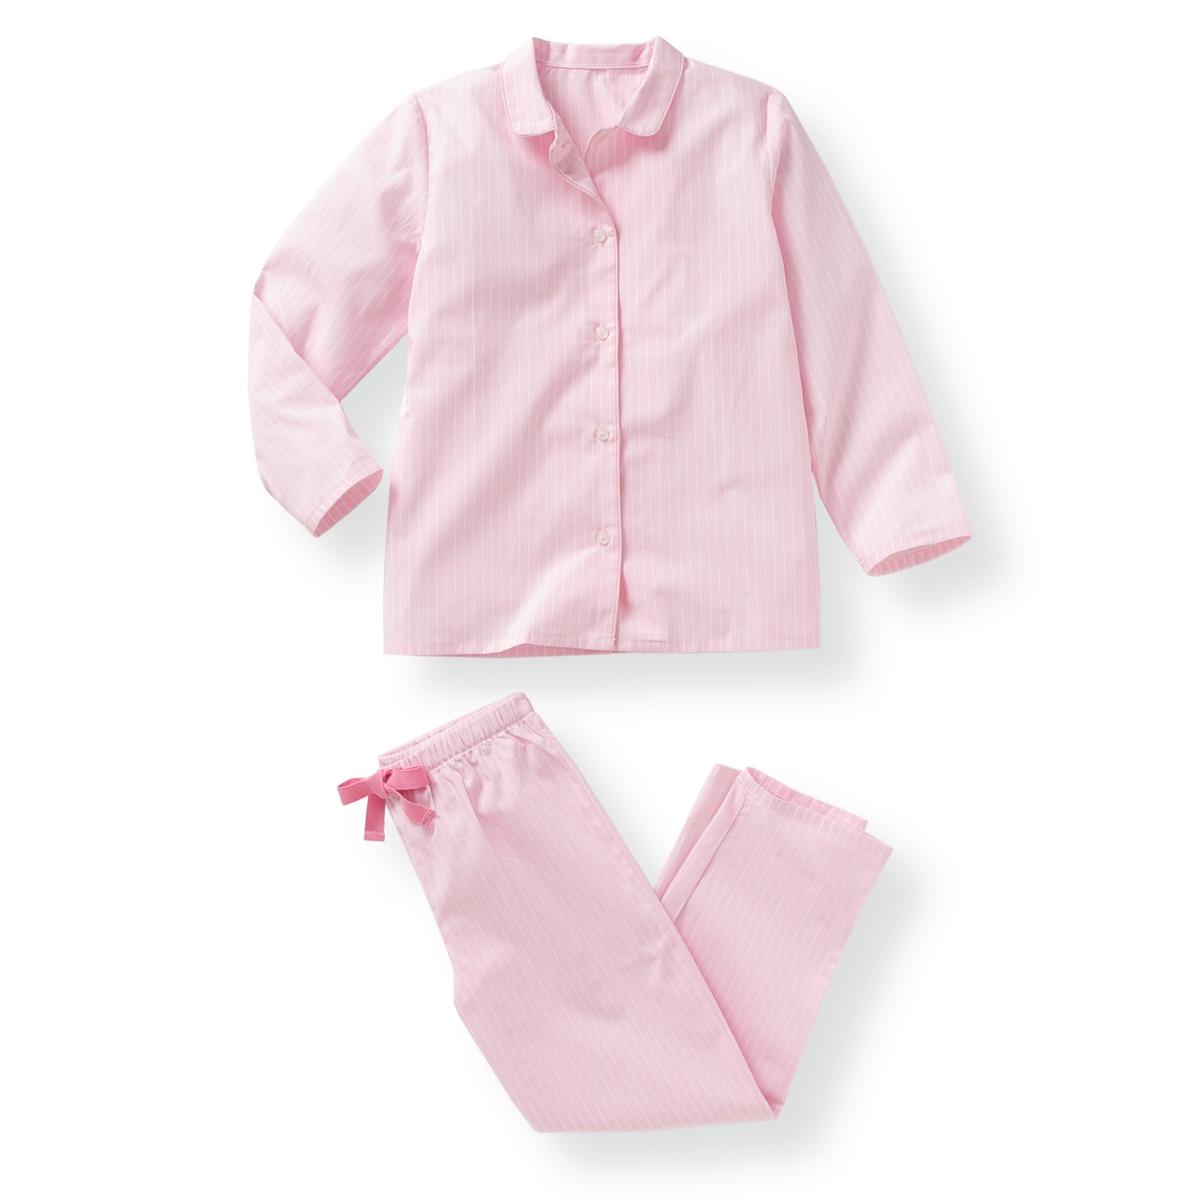 Пижама в полоску, 2-12 летПижама в полоску: куртка и брюки. Куртка с закругленным отложным воротником и застежкой на пуговицы. Широкие брюки с эластичным поясом.Состав и описание : Материал      полотно, 100% хлопокМарка      R essentiel  Уход :Машинная стирка при 30 °C с вещами схожих цветов.Стирать и гладить с изнаночной стороны.Машинная сушка в умеренном режиме.Гладить при низкой температуре<br><br>Цвет: в полоску<br>Размер: 8 лет - 126 см.3 года - 94 см